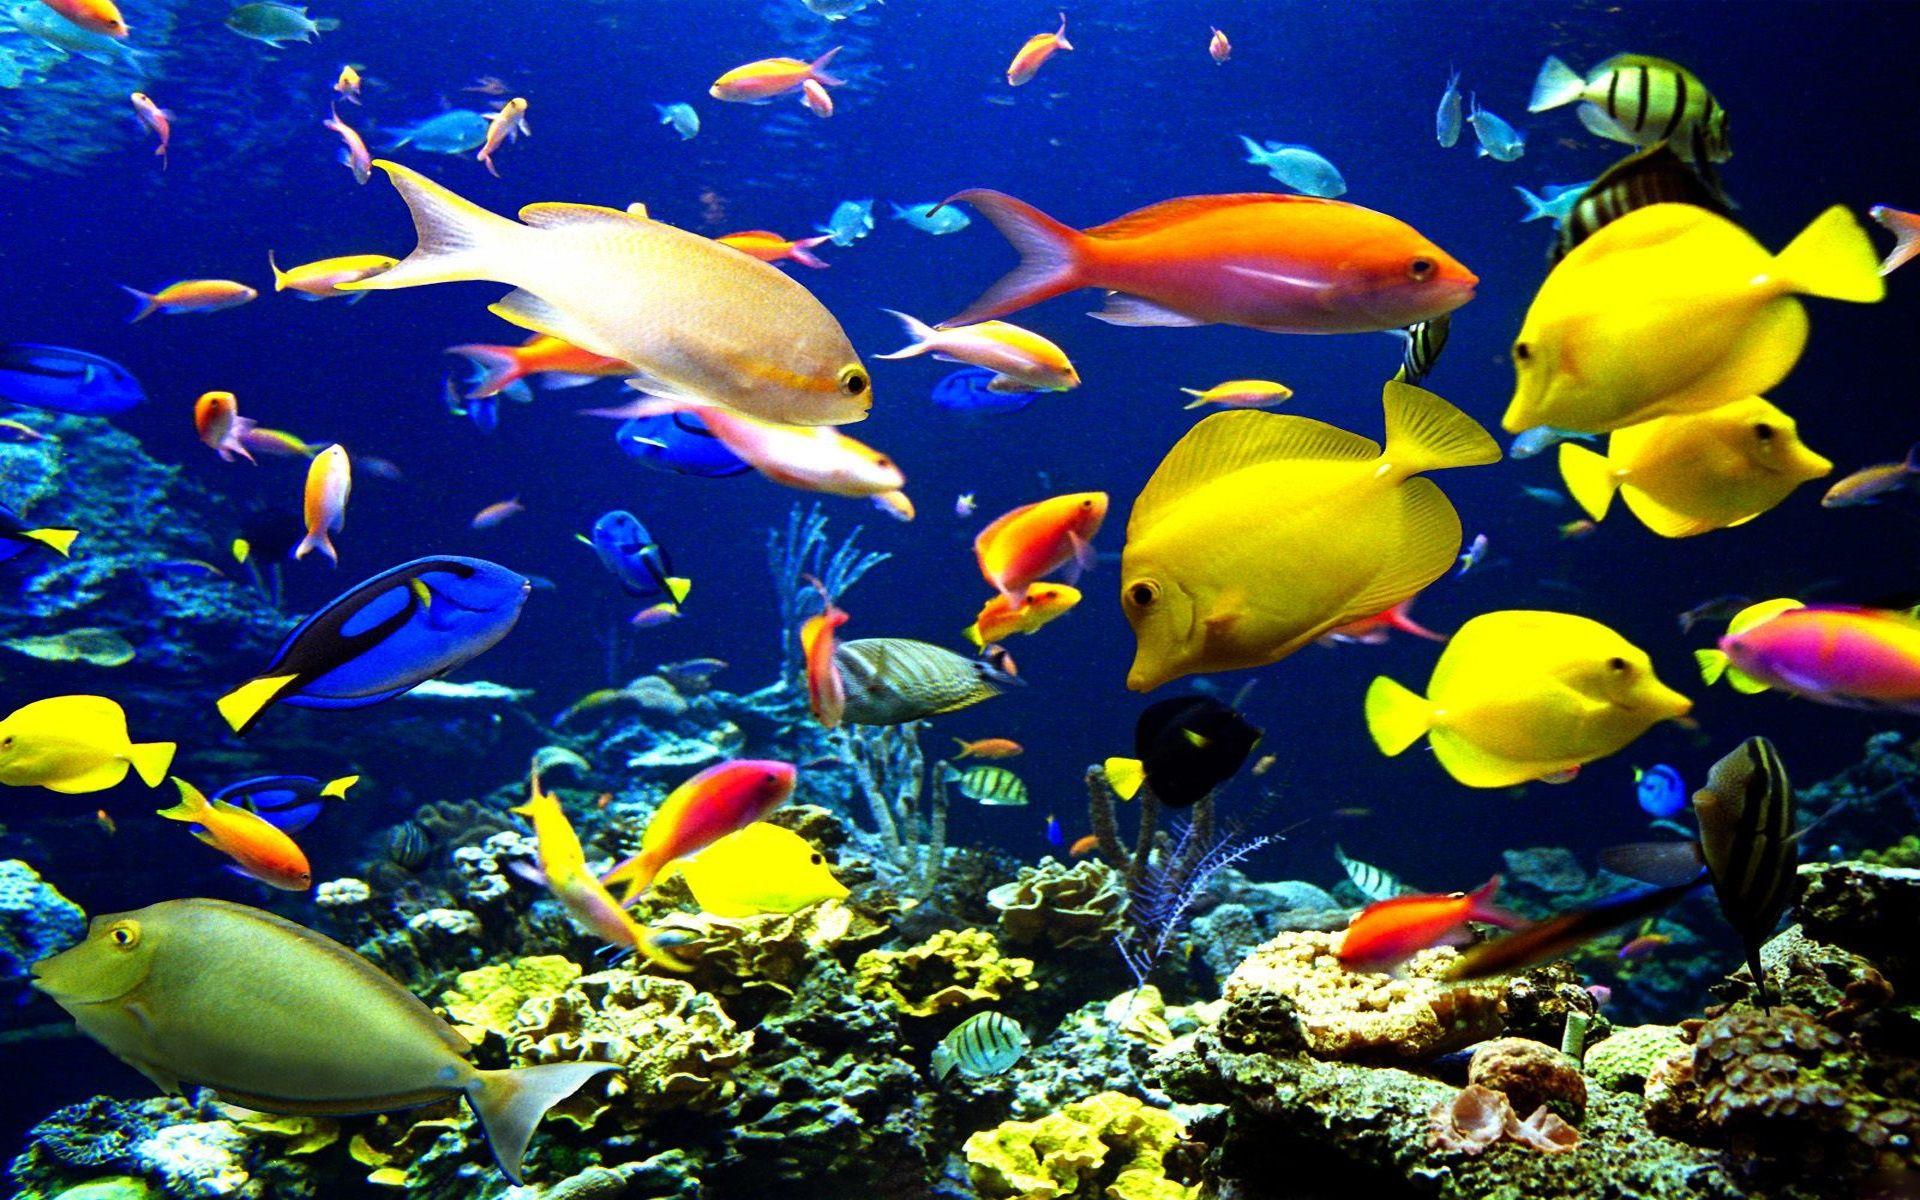 смотреть картинки рыб в море был один наиболее